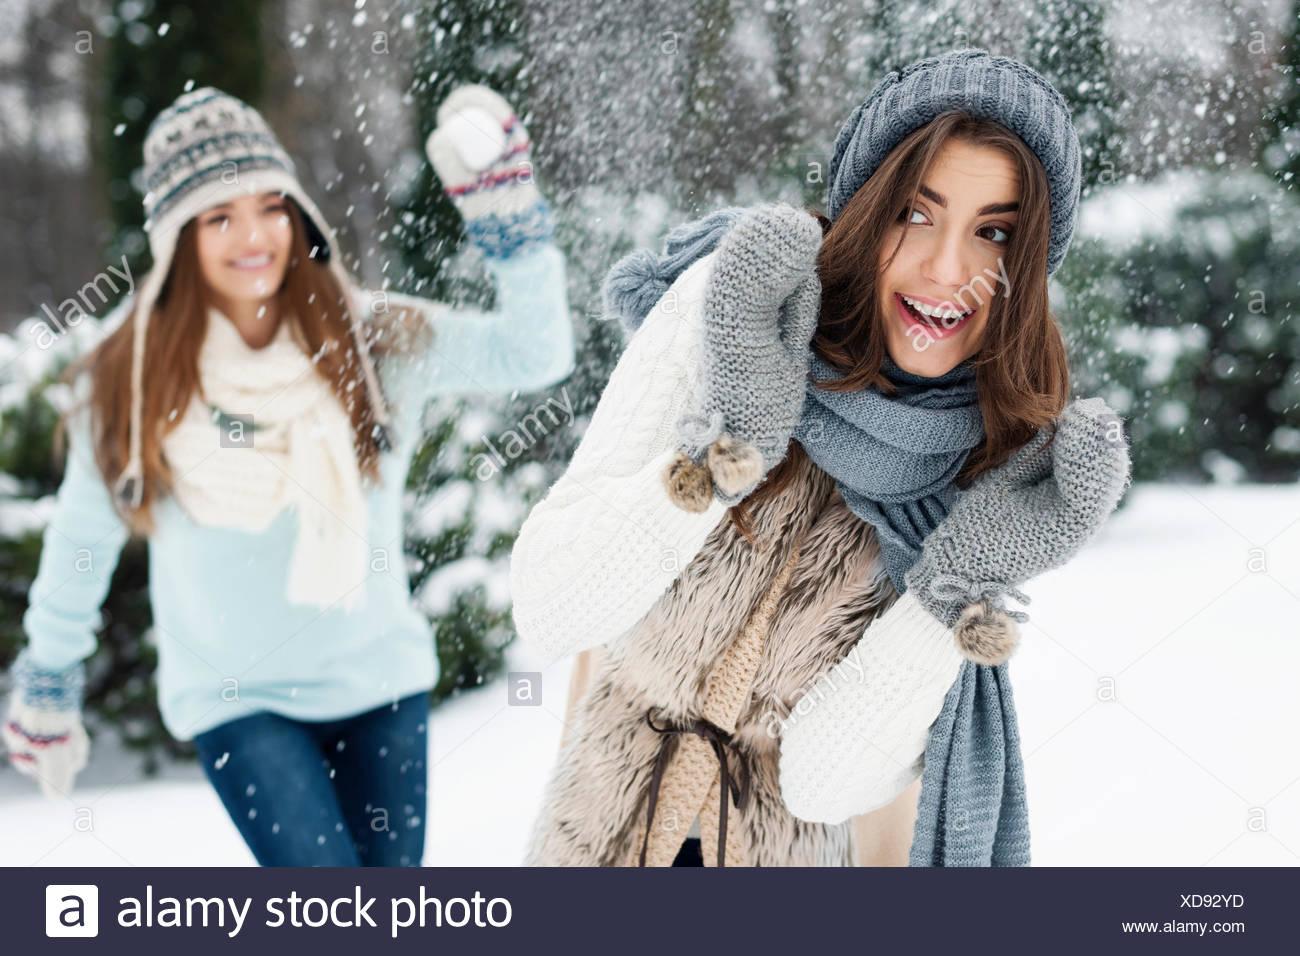 Junge Frauen haben Spaß bei der Schneeballschlacht. Debica, Polen Stockbild